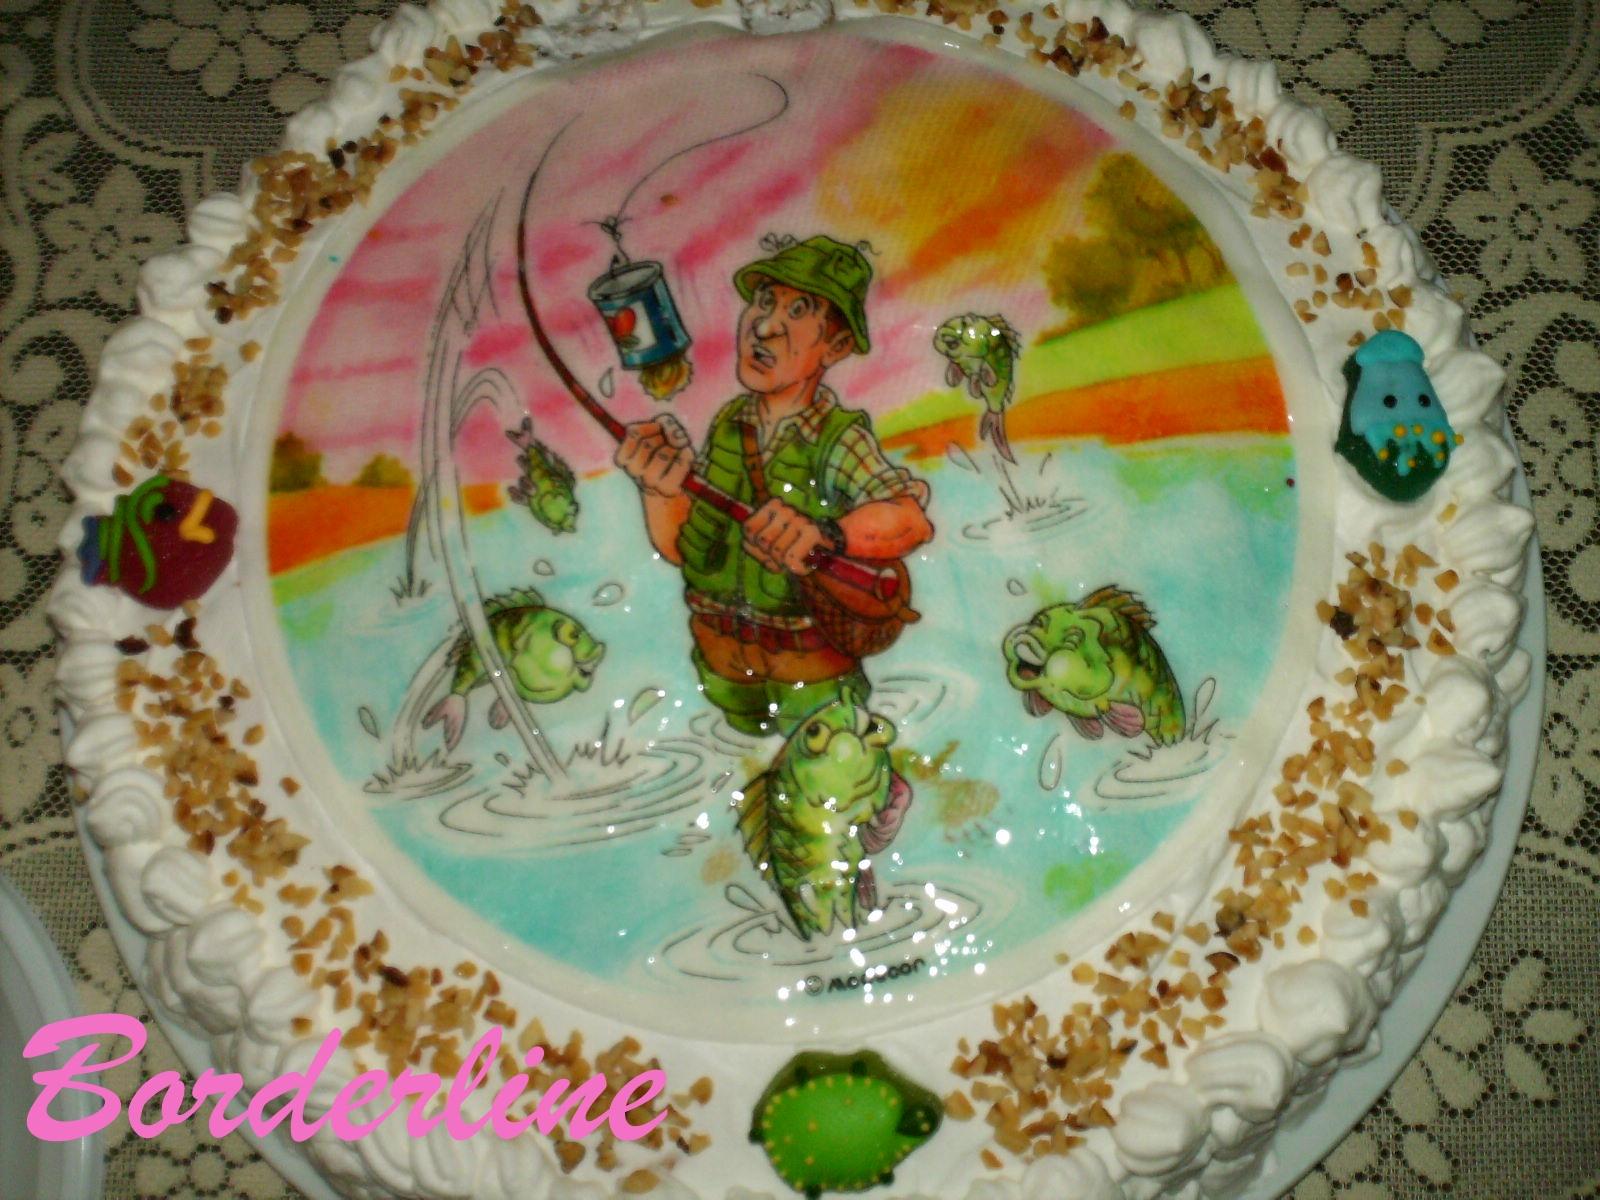 Torte e decorazioni come si mette l ostia sulle torte for Decorazioni per torta 60 anni